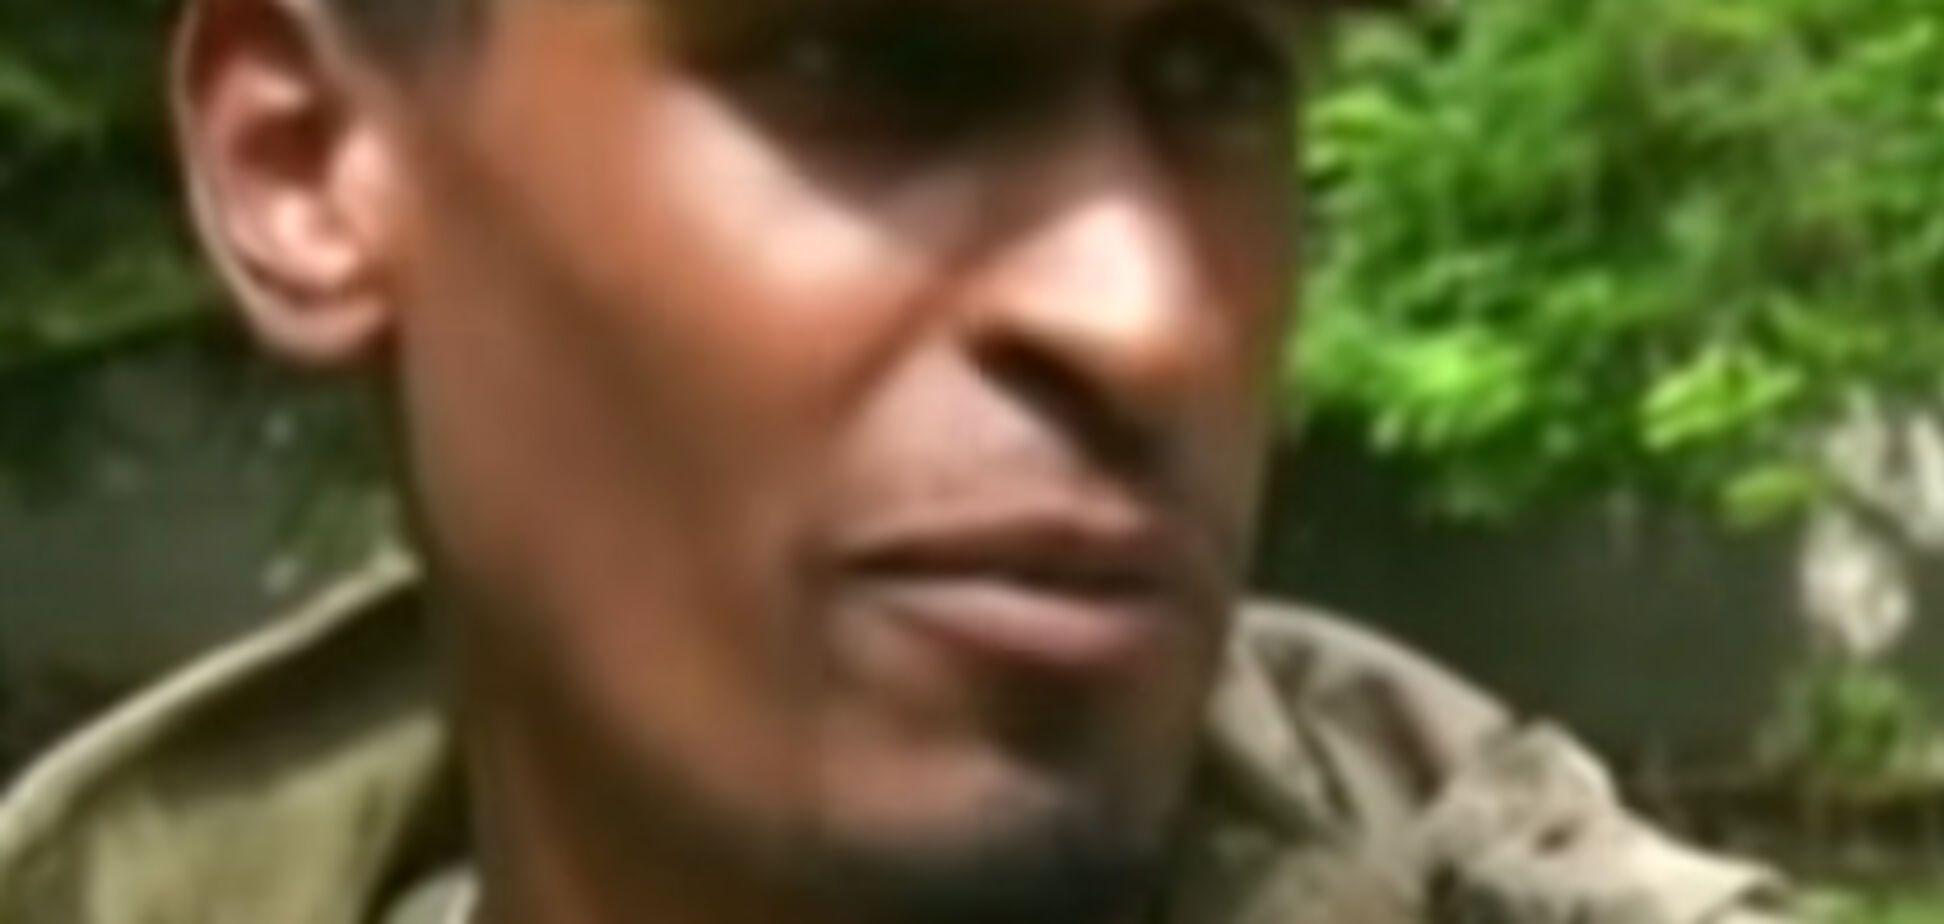 Стал б*ндеровцем: украинцев поразил африканец в рядах ВСУ на Донбассе